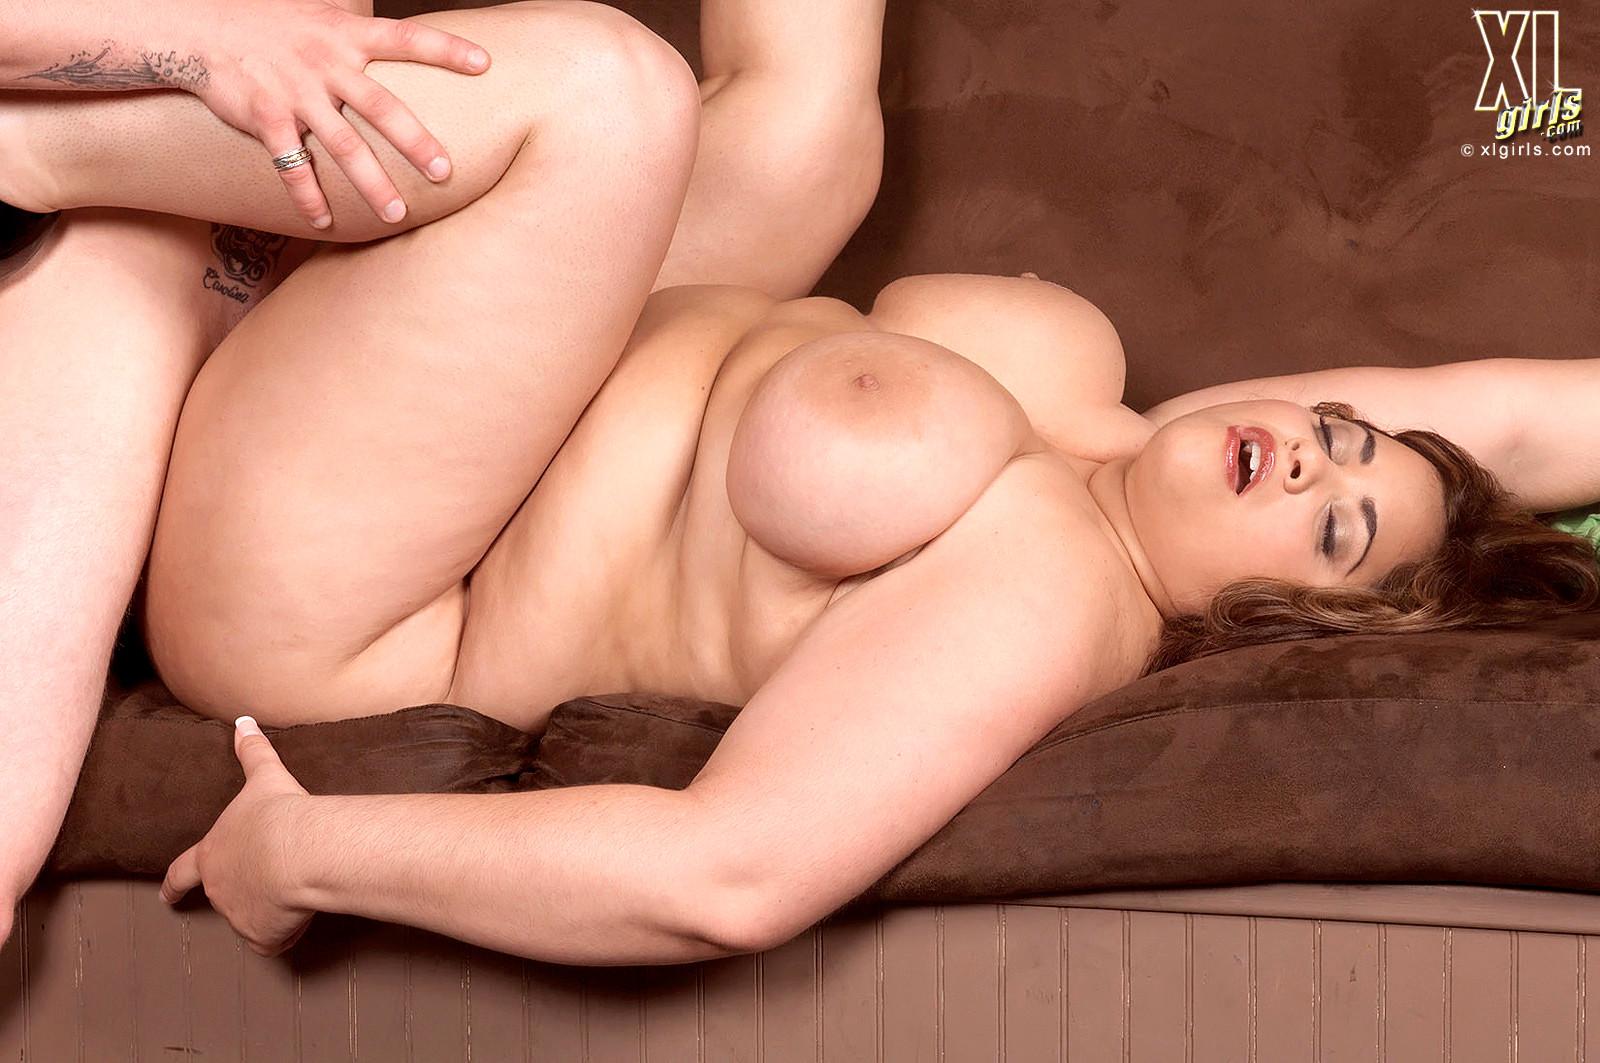 Секс фото с красотками пышками, танцуют голые в клубе